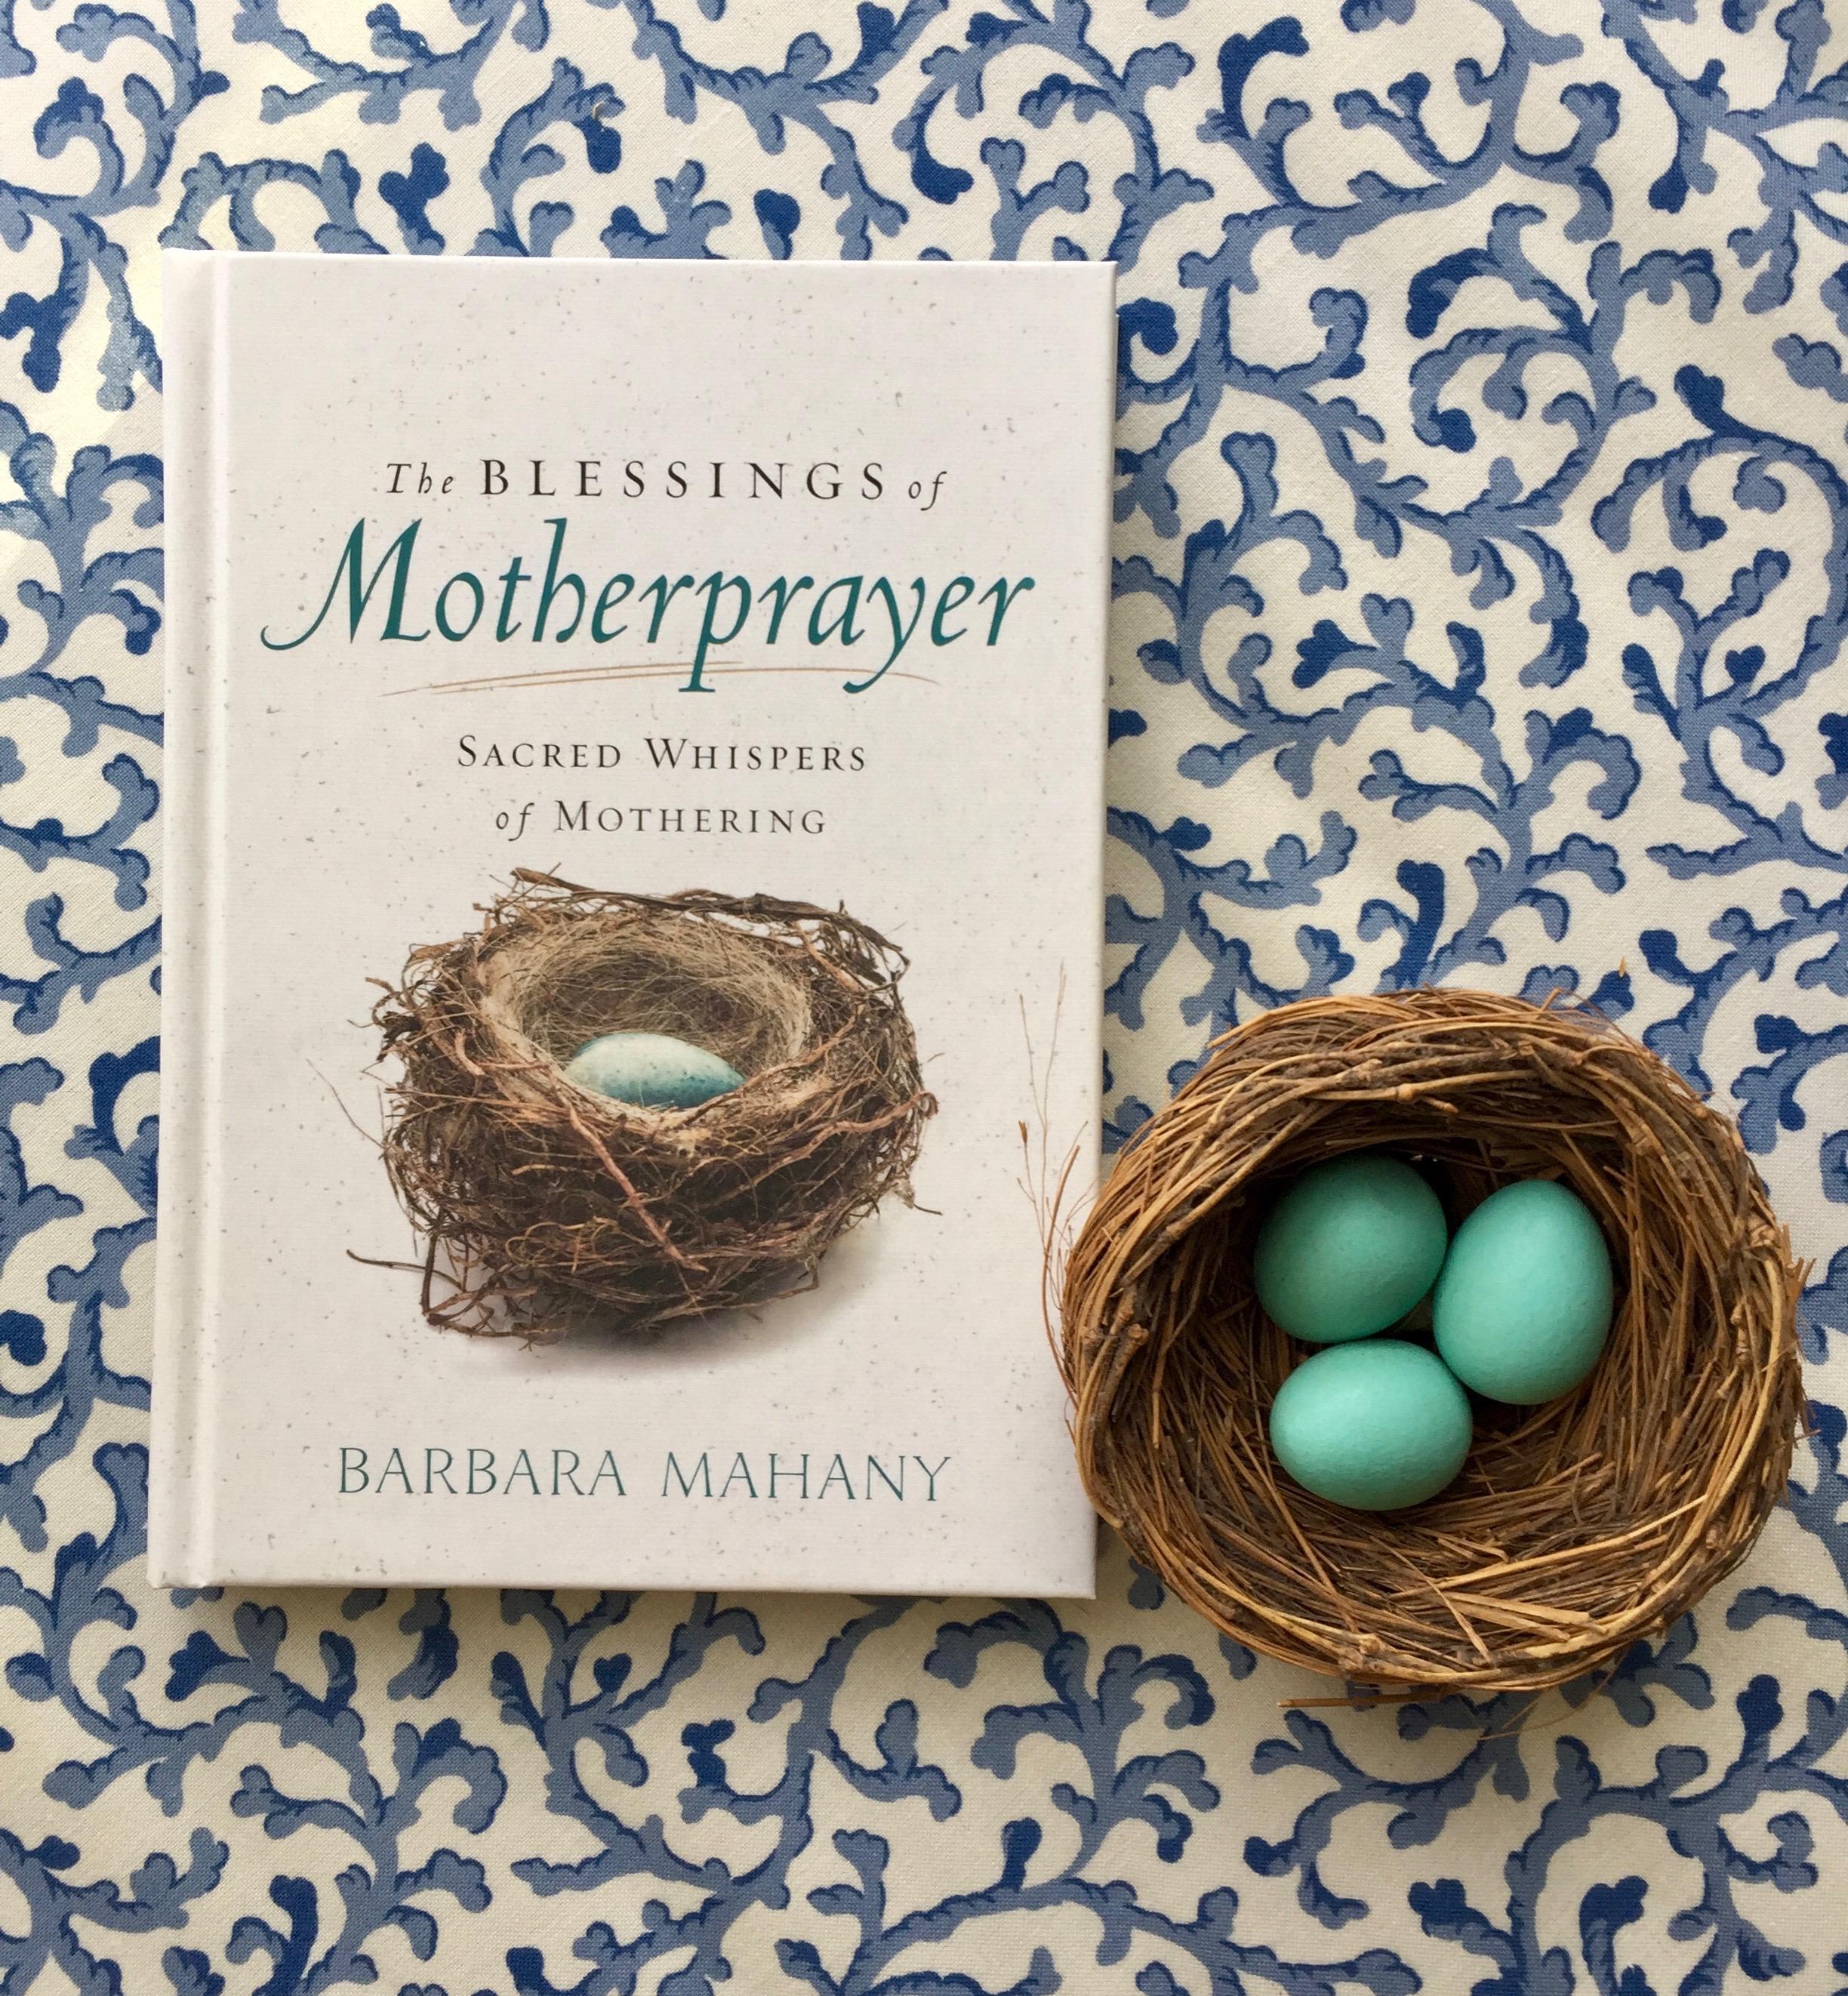 Blessings of Motherprayer